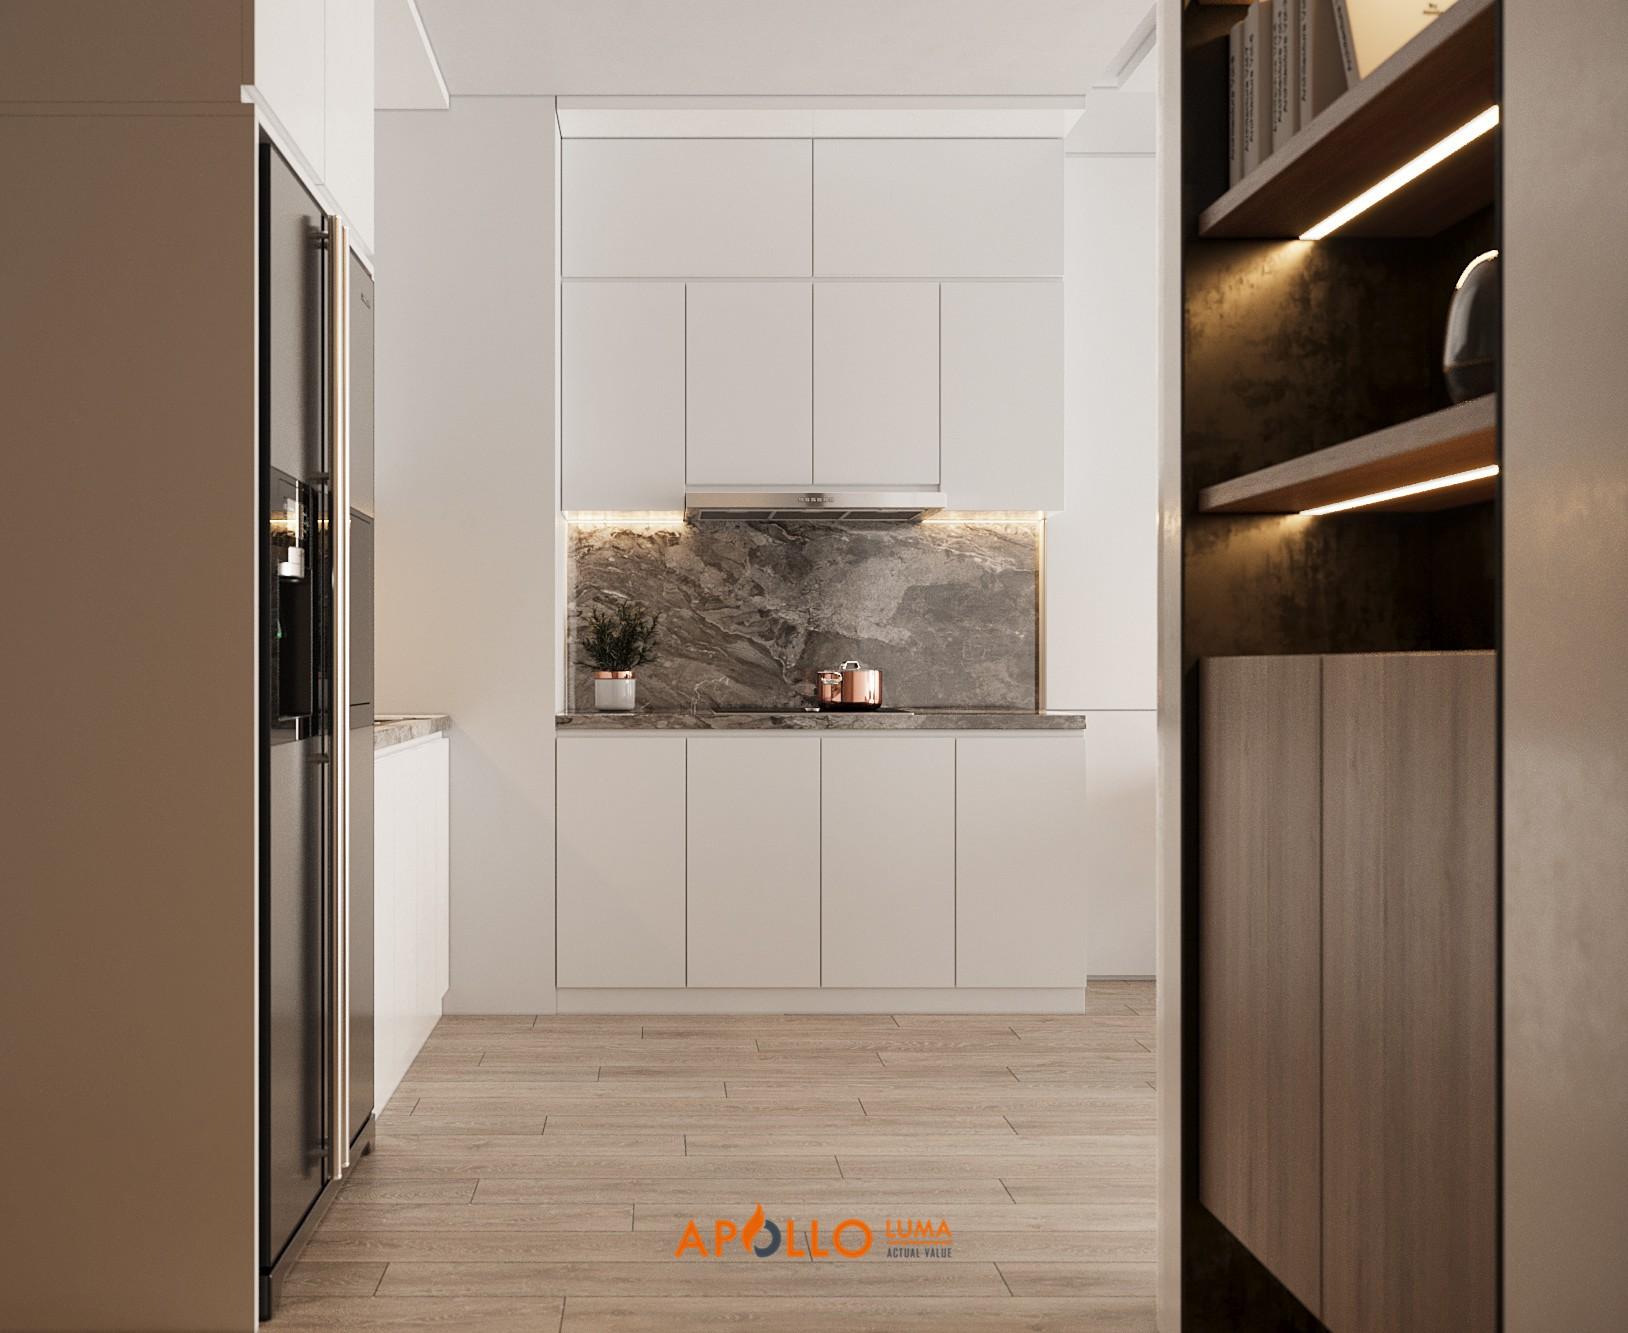 Thiết kế nội thất căn hộ 2PN Vinhomes Symphony phong cách Minimalism